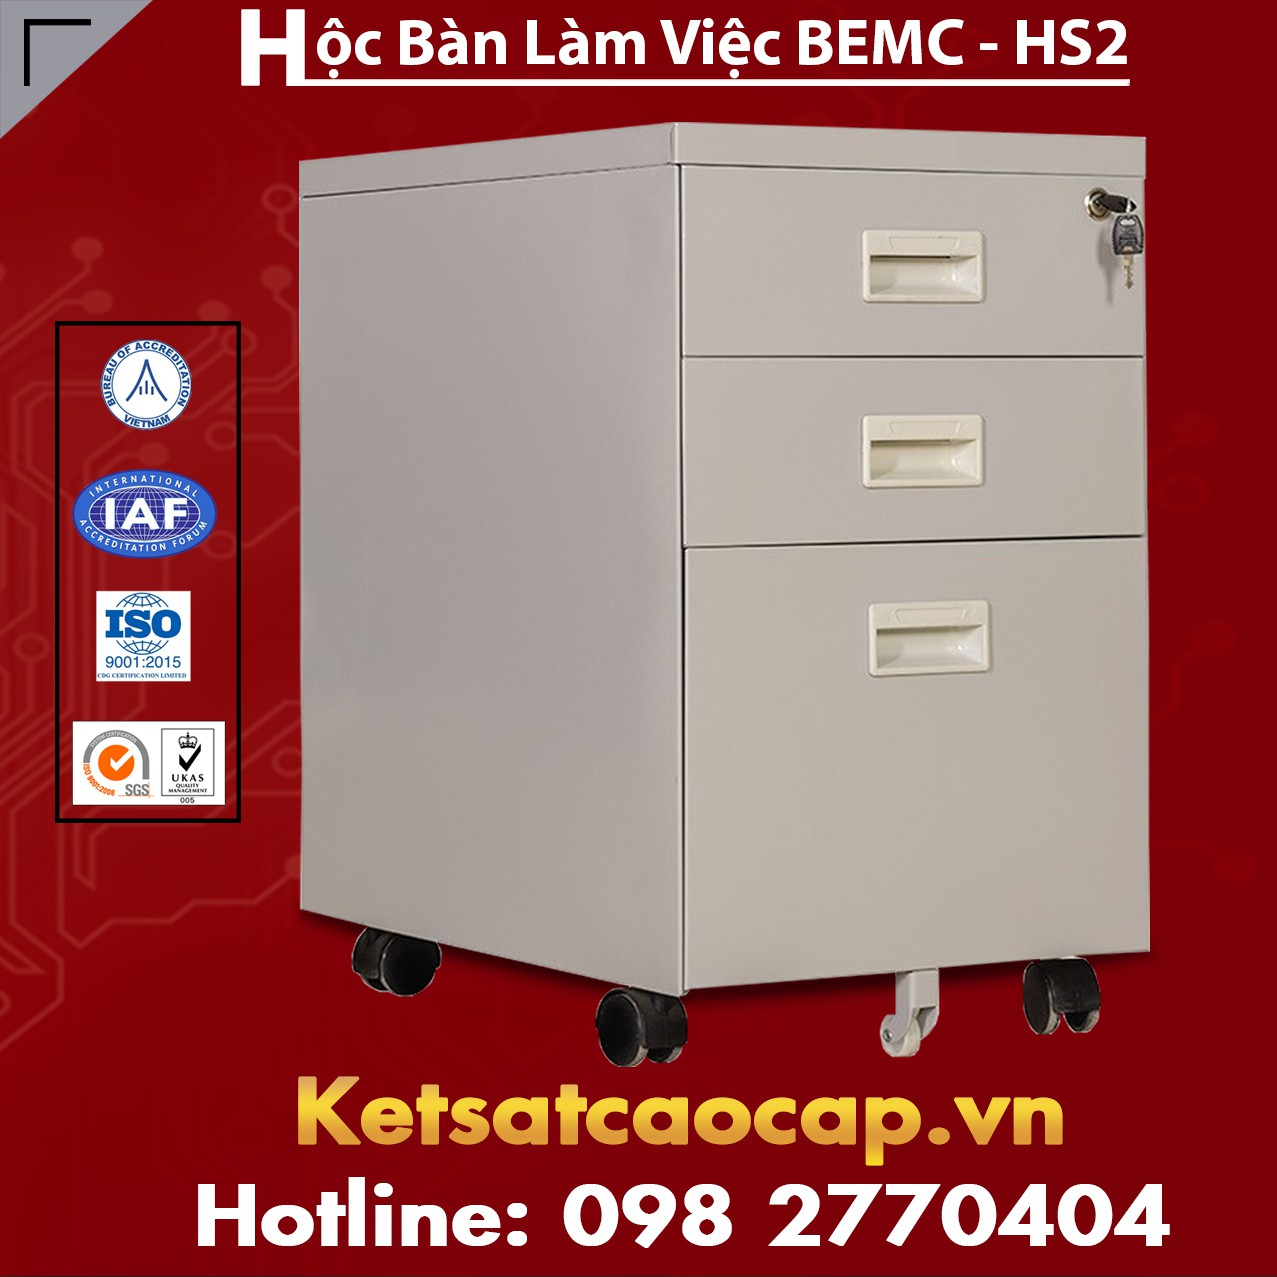 Hộc Bàn Làm Việc BEMC - HS2